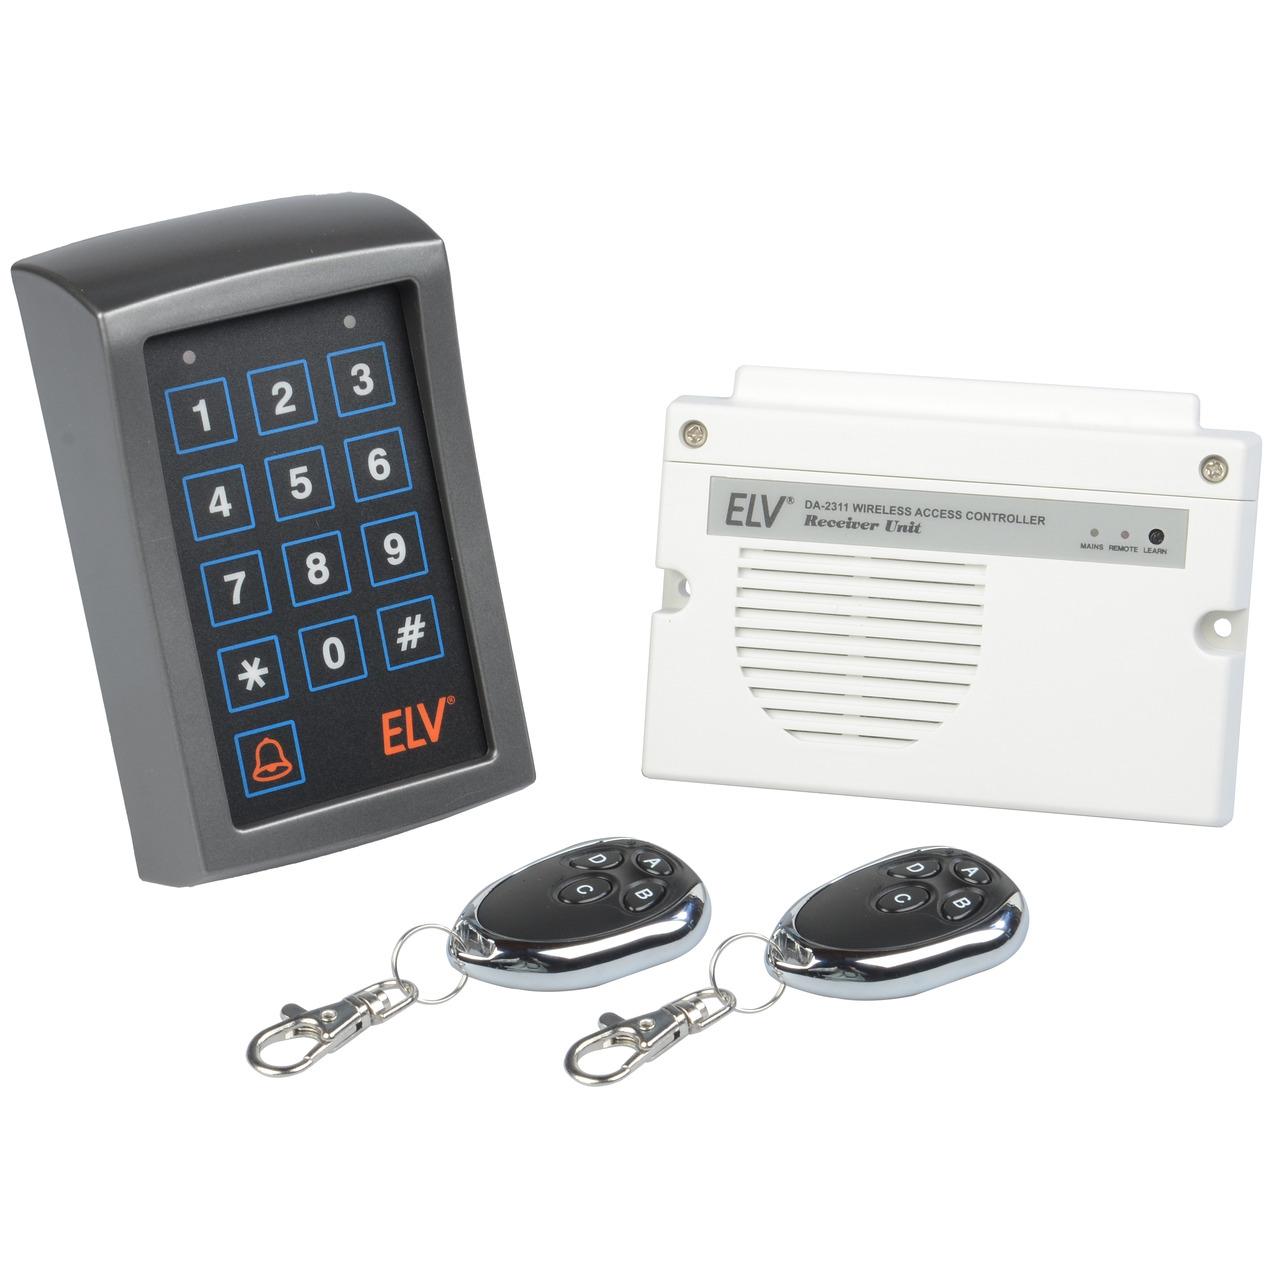 ELV Zugangskontrollsystem ZKS100 V2- mit Funk-Codeschloss- Empfangsgerät und 2 Funk-Fernbedienungen